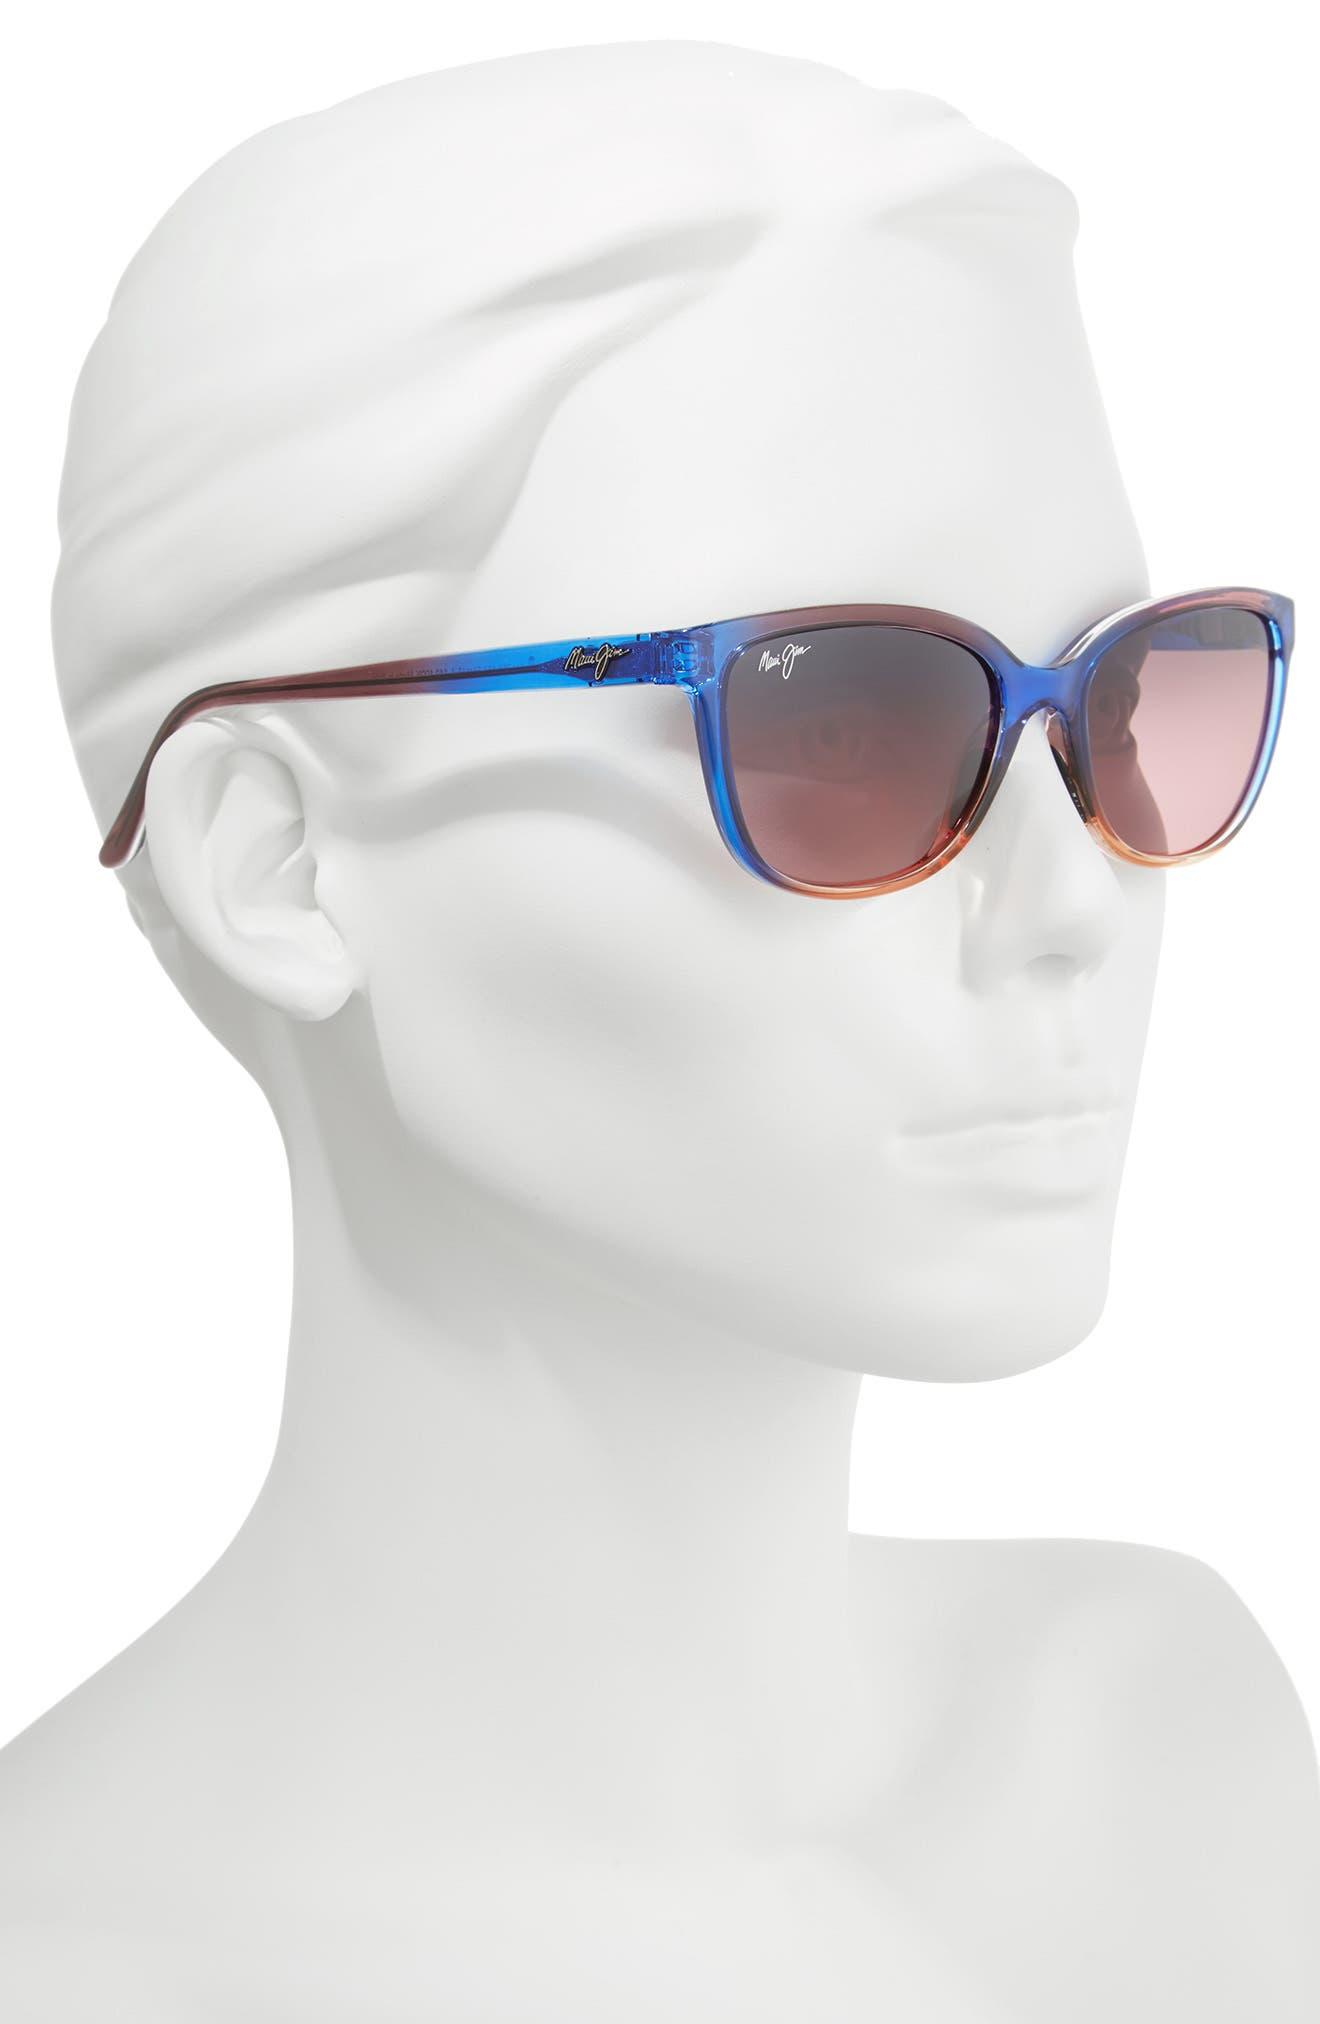 Honi 54mm Polarized Cat Eye Sunglasses,                             Alternate thumbnail 2, color,                             Sunset/ Maui Rose